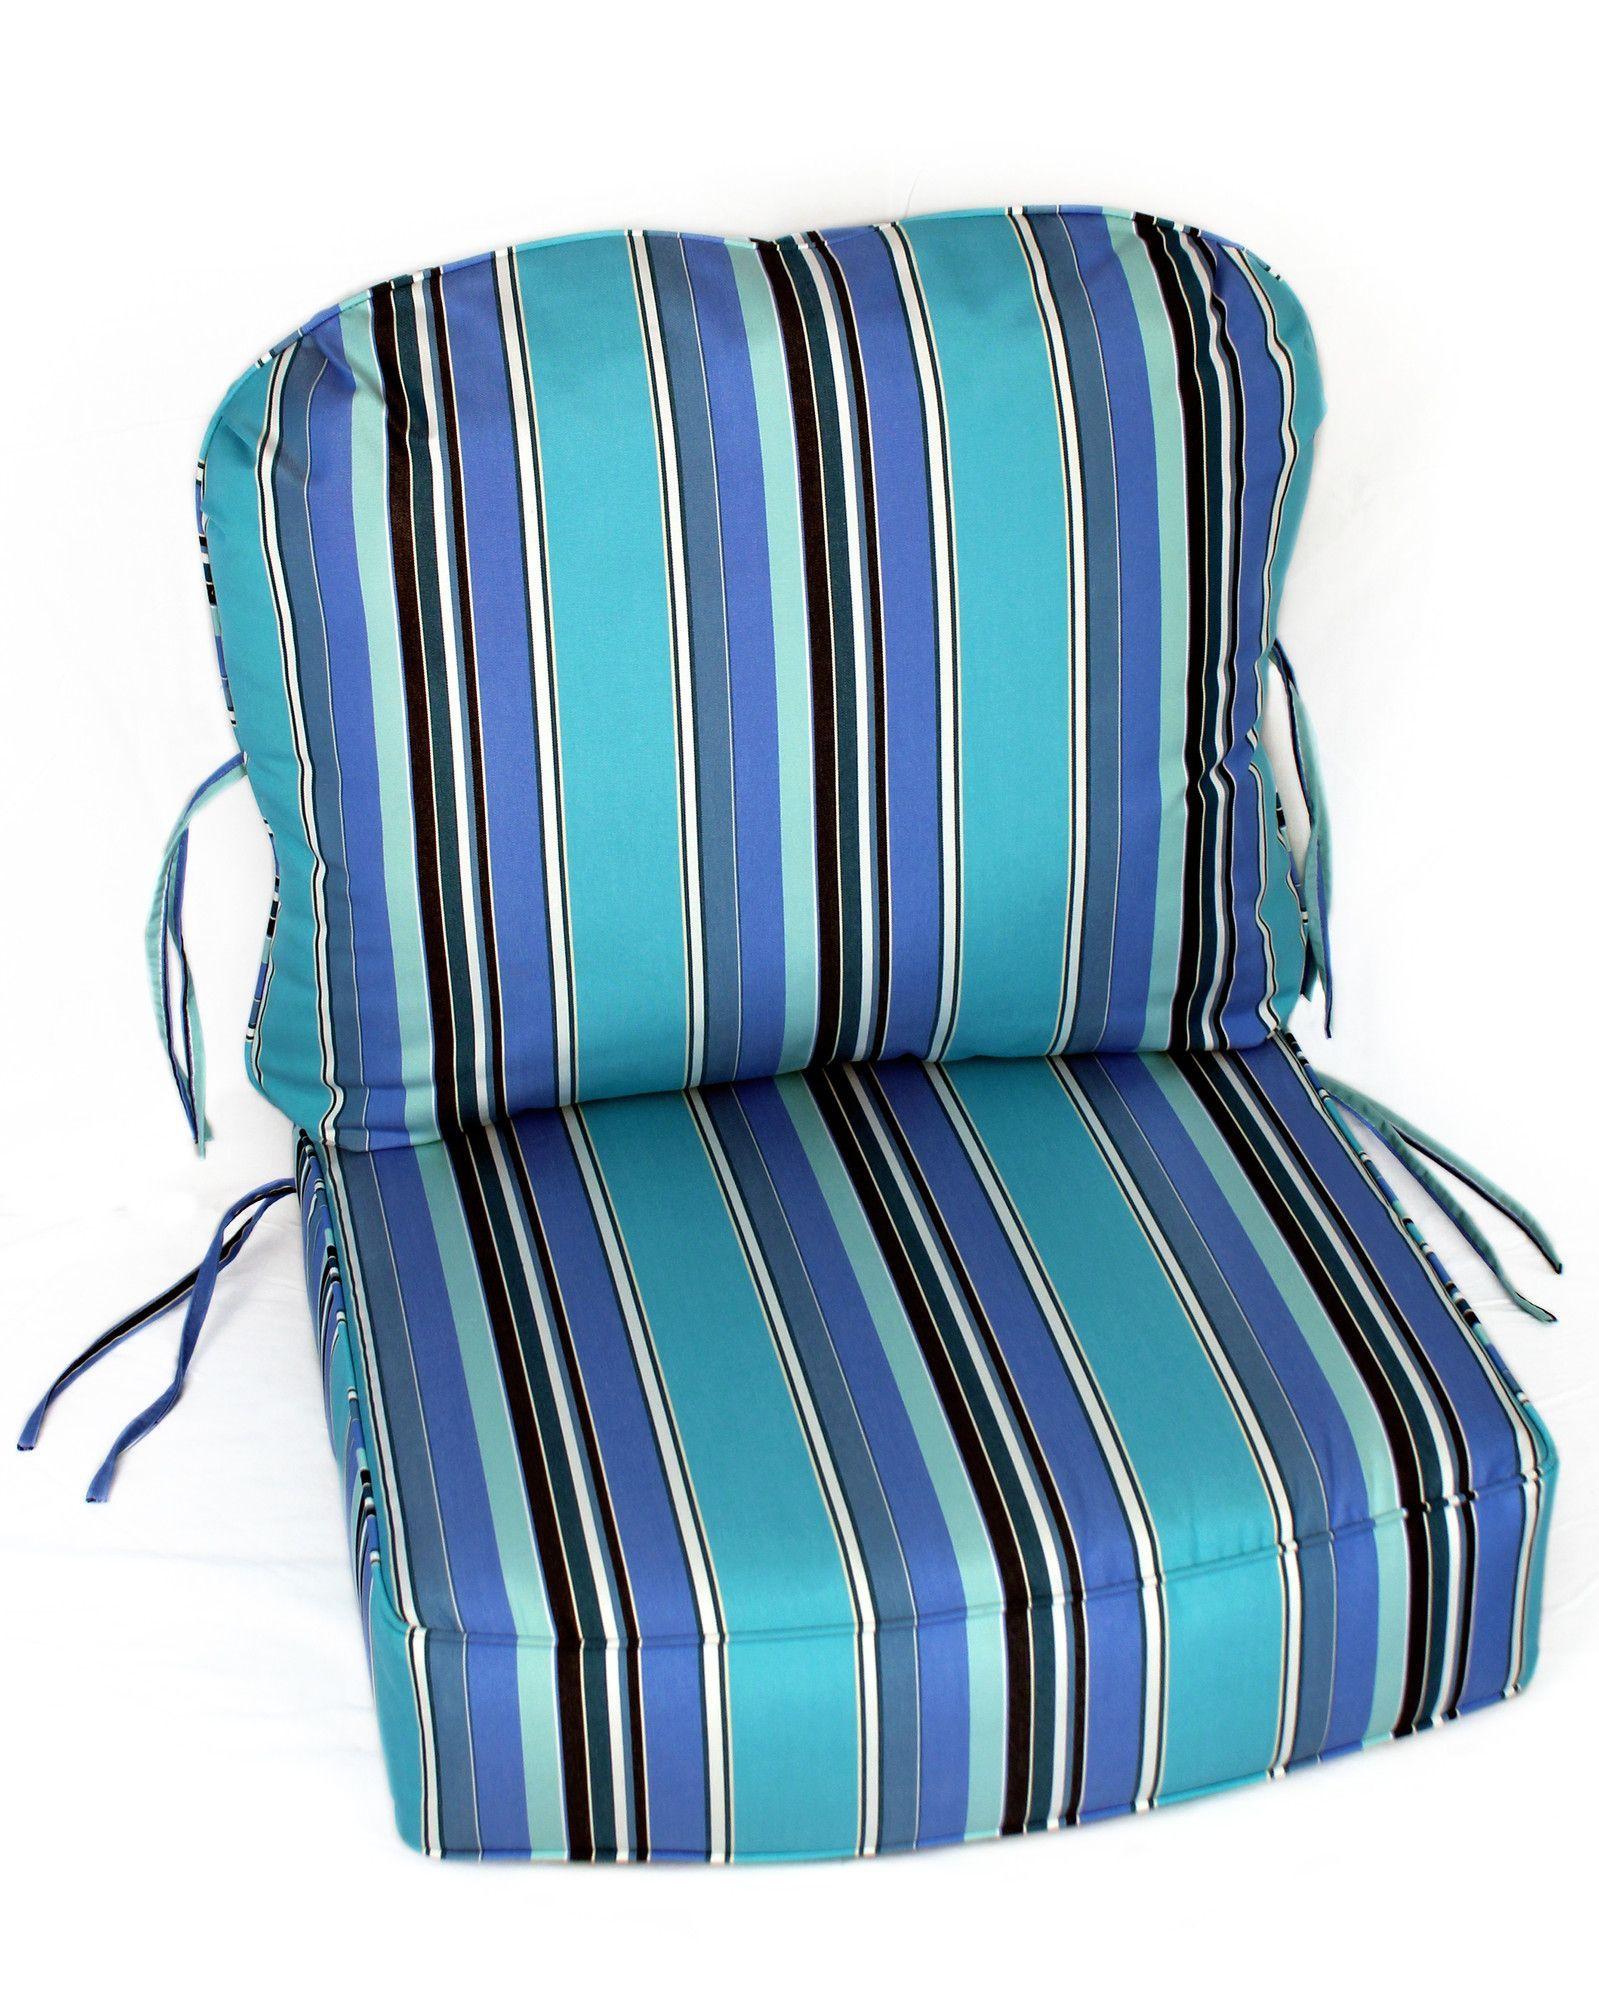 Indoor/Outdoor Sunbrella Deep Setting Chair Cushion